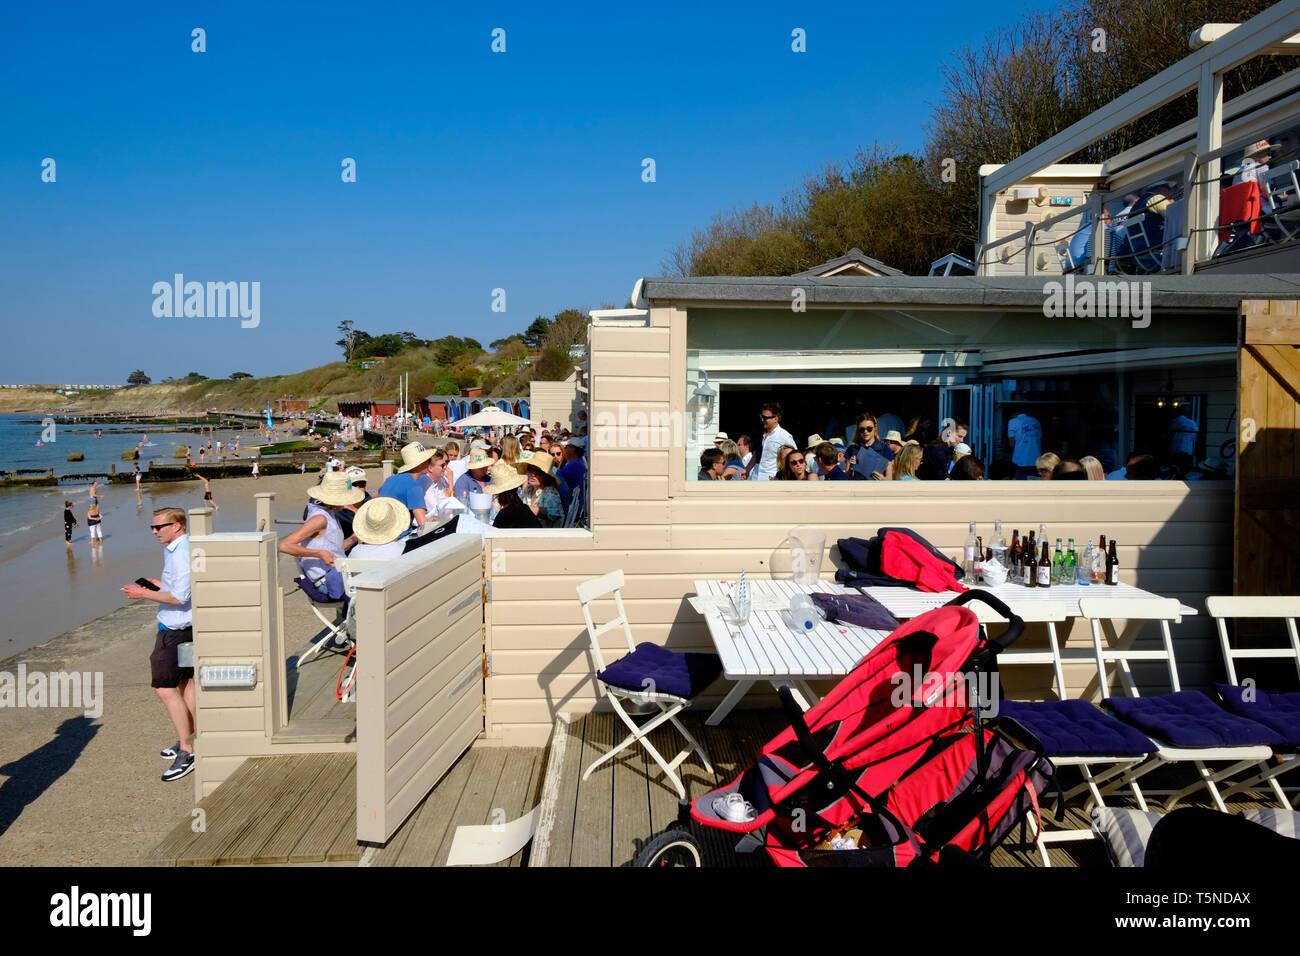 La cabaña Beach Bar y restaurante en un ajetreado fin de semana de Pascua el sábado en Colwell Bay, Isla de Wight, Reino Unido. Imagen De Stock